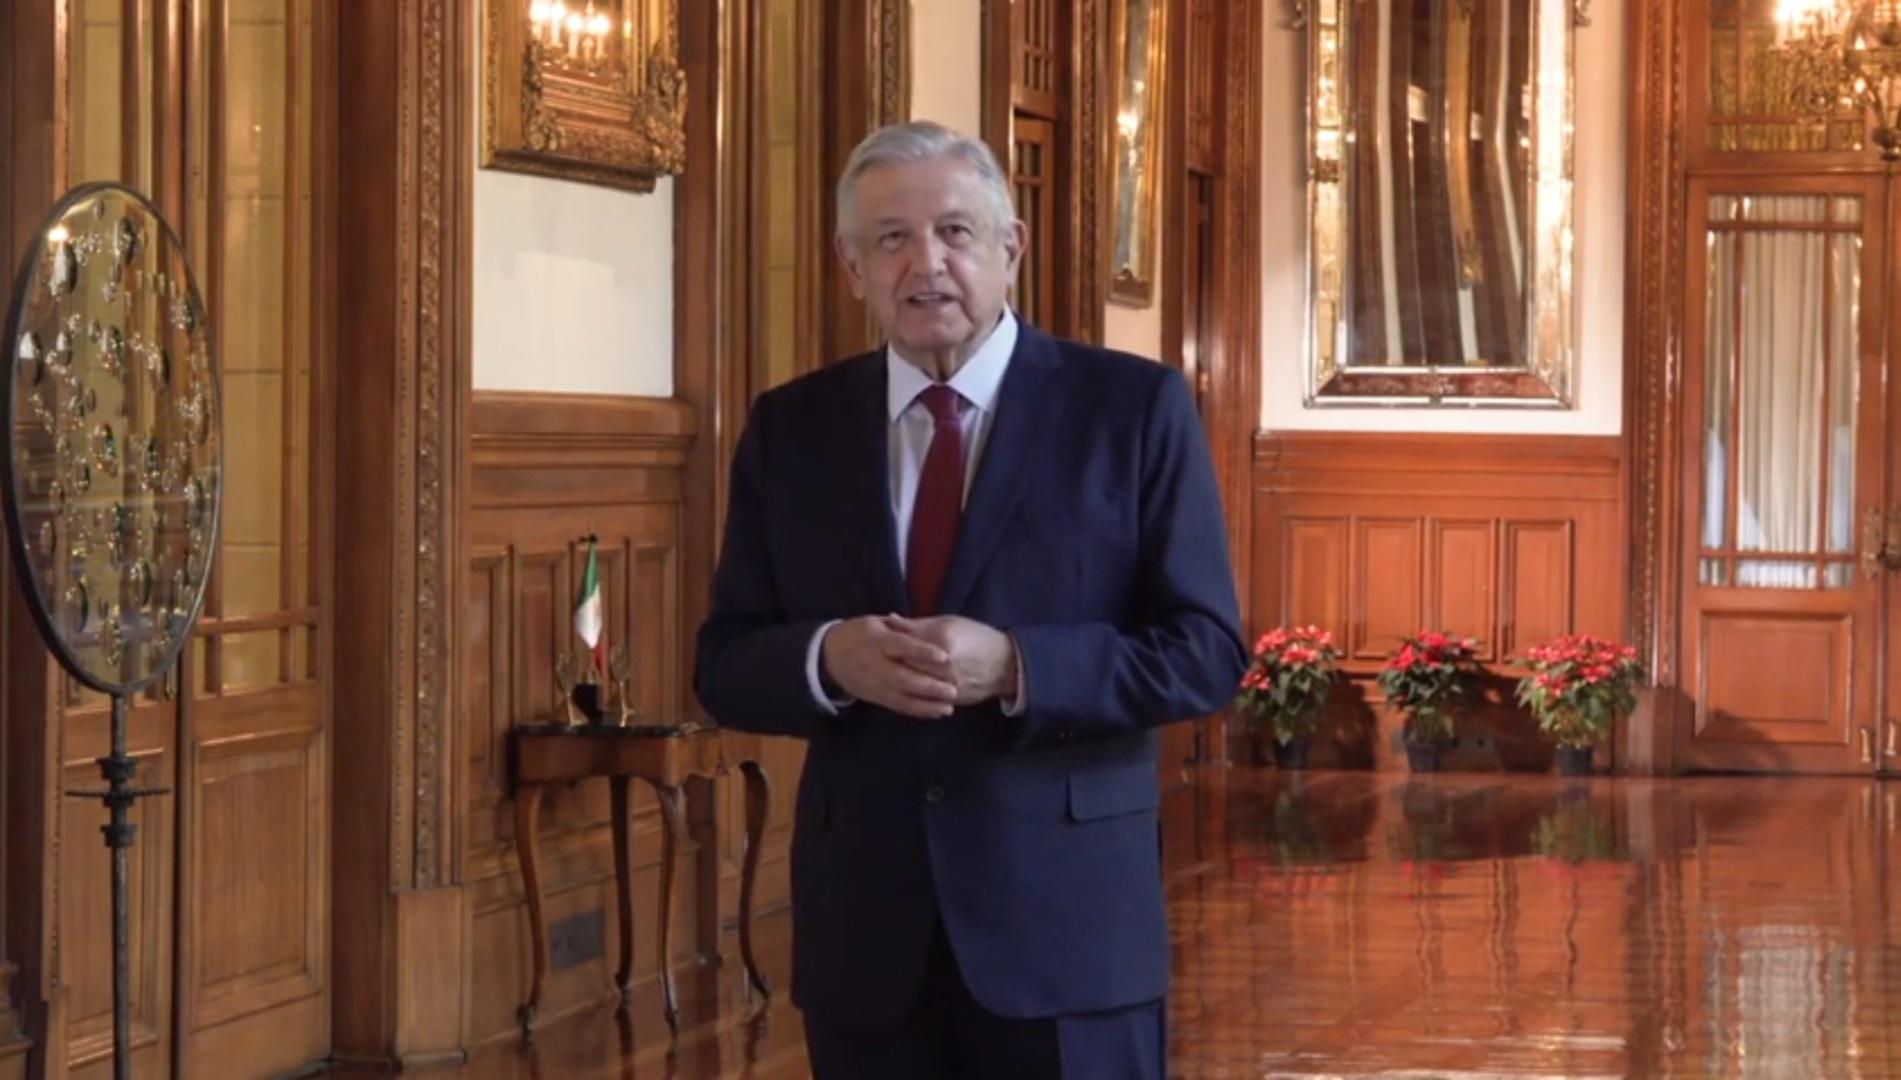 Gobierno federal suscribirá acuerdo con Teletón: AMLO